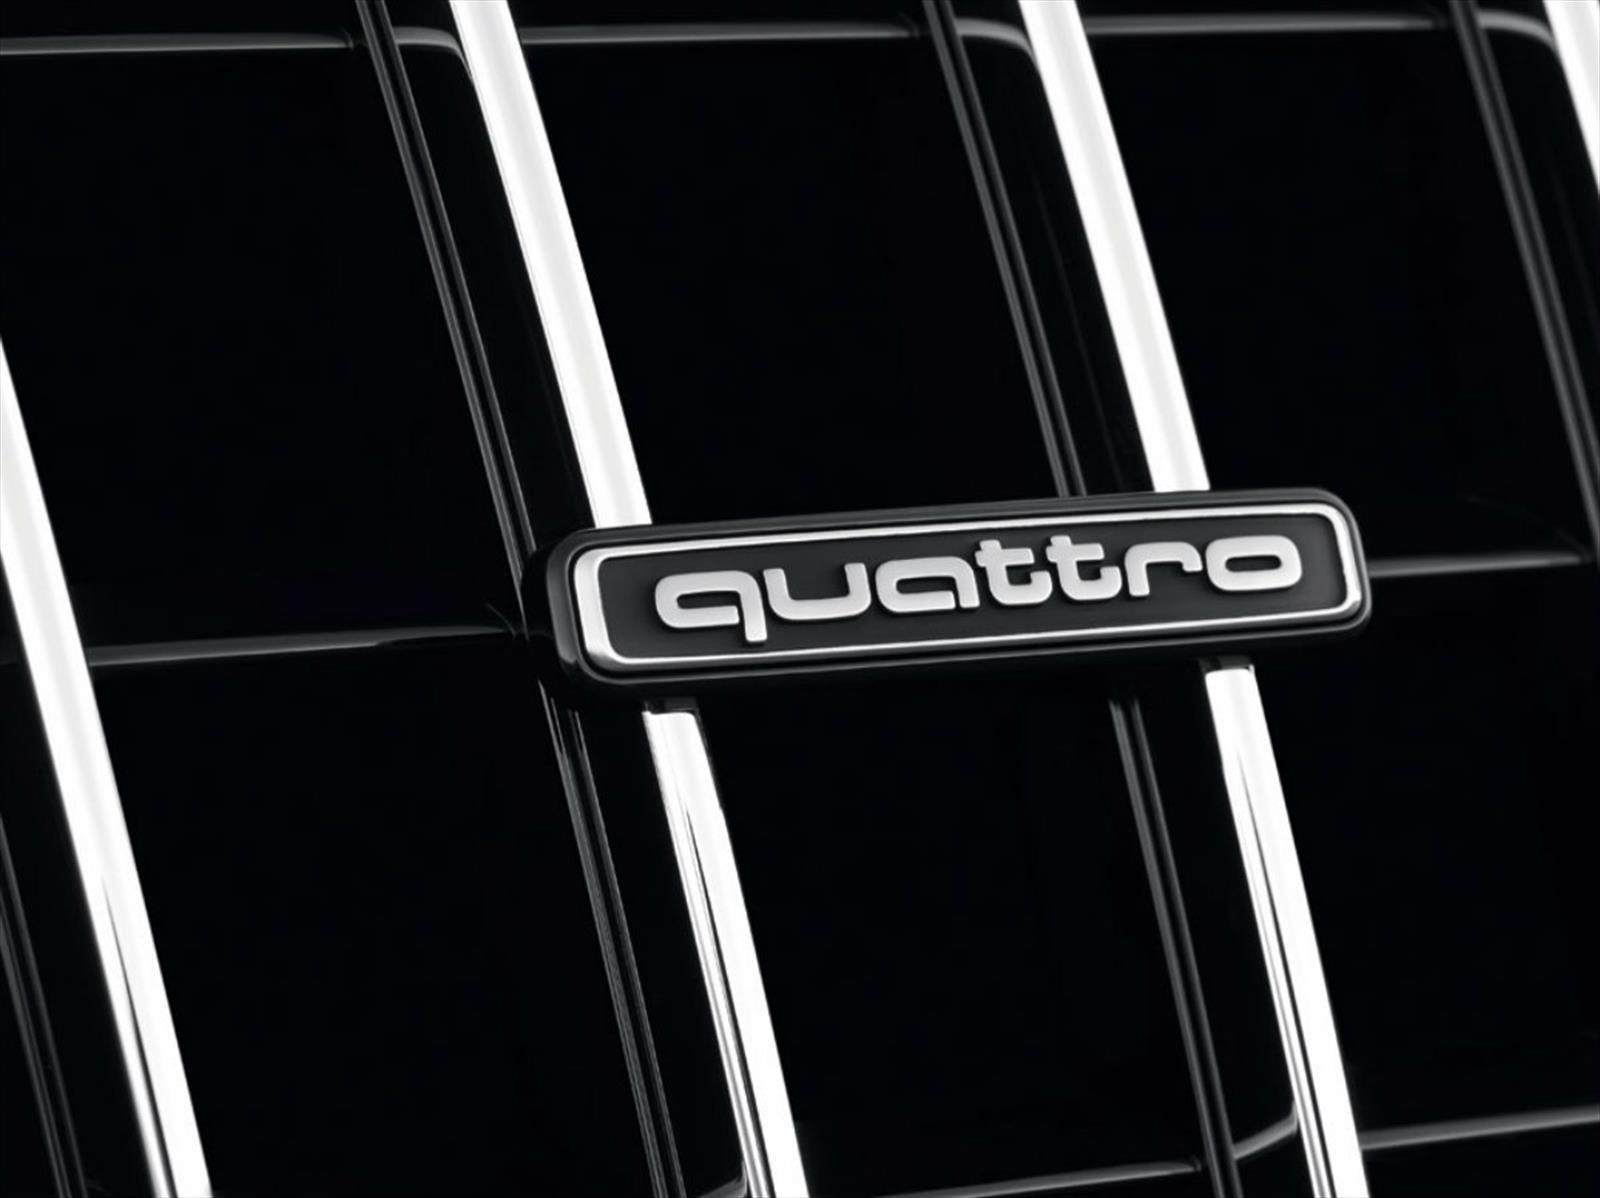 Audi vende 8 millones de vehículos con tecnología quattro